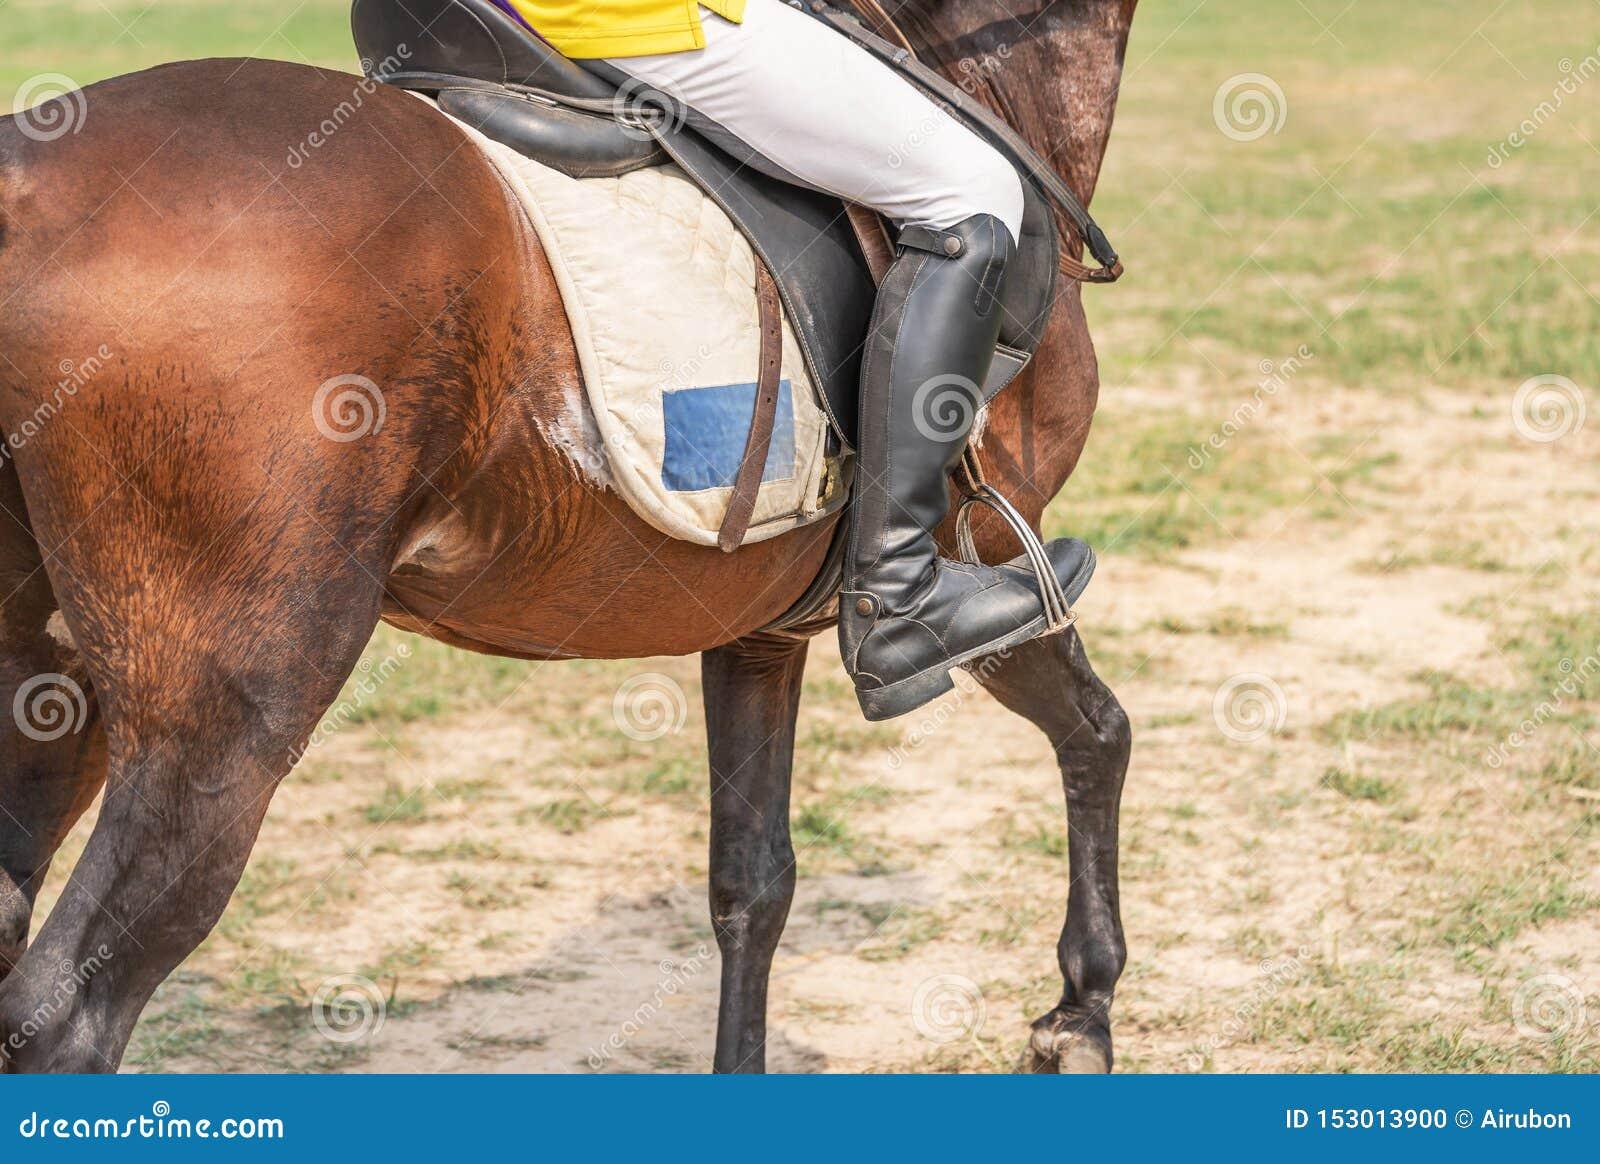 Equestrians podczas treningów grżą w górę przygotowywają rywalizację w biegowym kursie